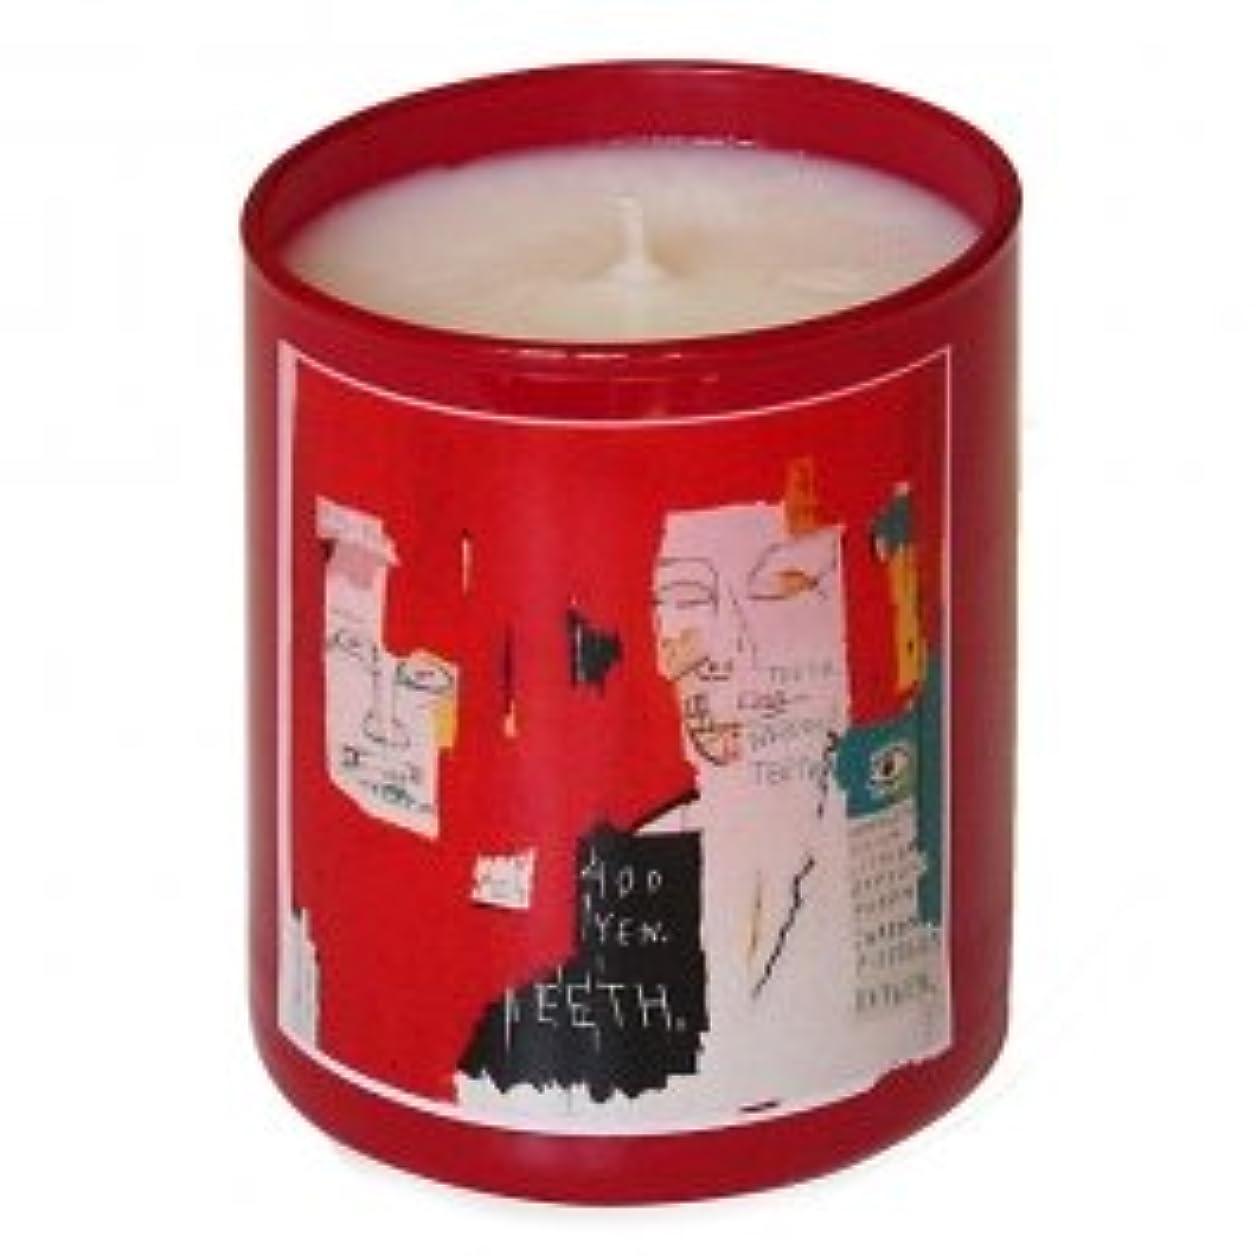 ペイント決済お風呂を持っているジャン ミシェル バスキア レッド キャンドル(Jean-Michael Basquiat Perfumed Candle